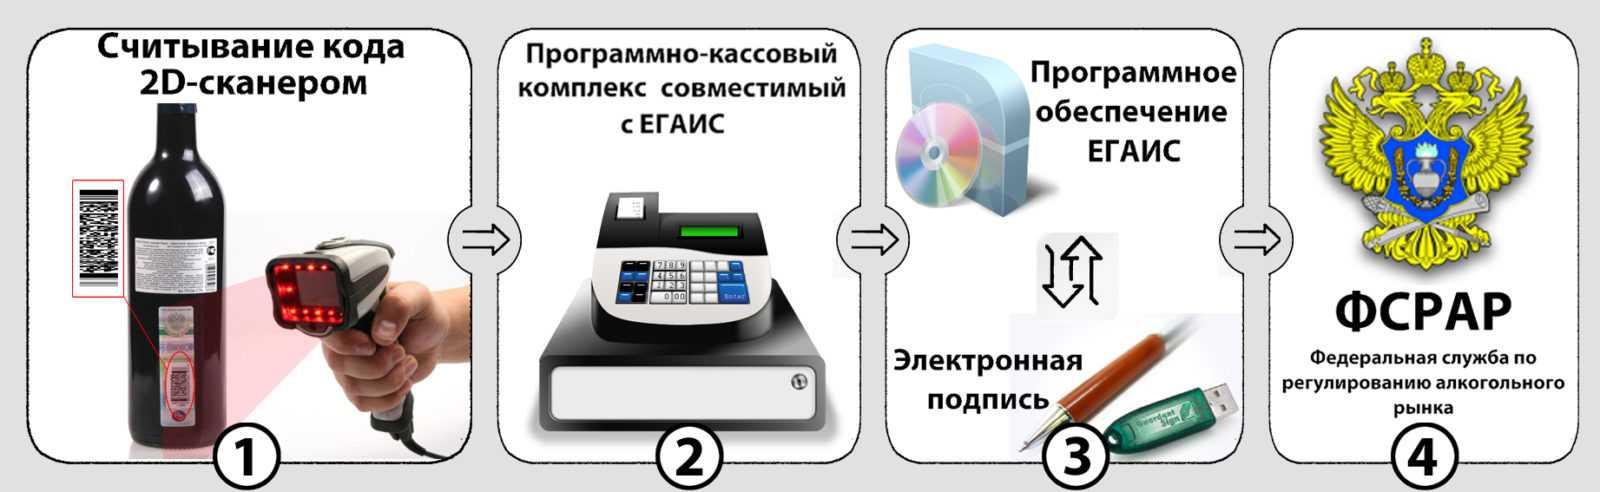 edinaya-gosudarstvennaya-avtomatizirovannaya-informaczionnaya-sistema-egais-11